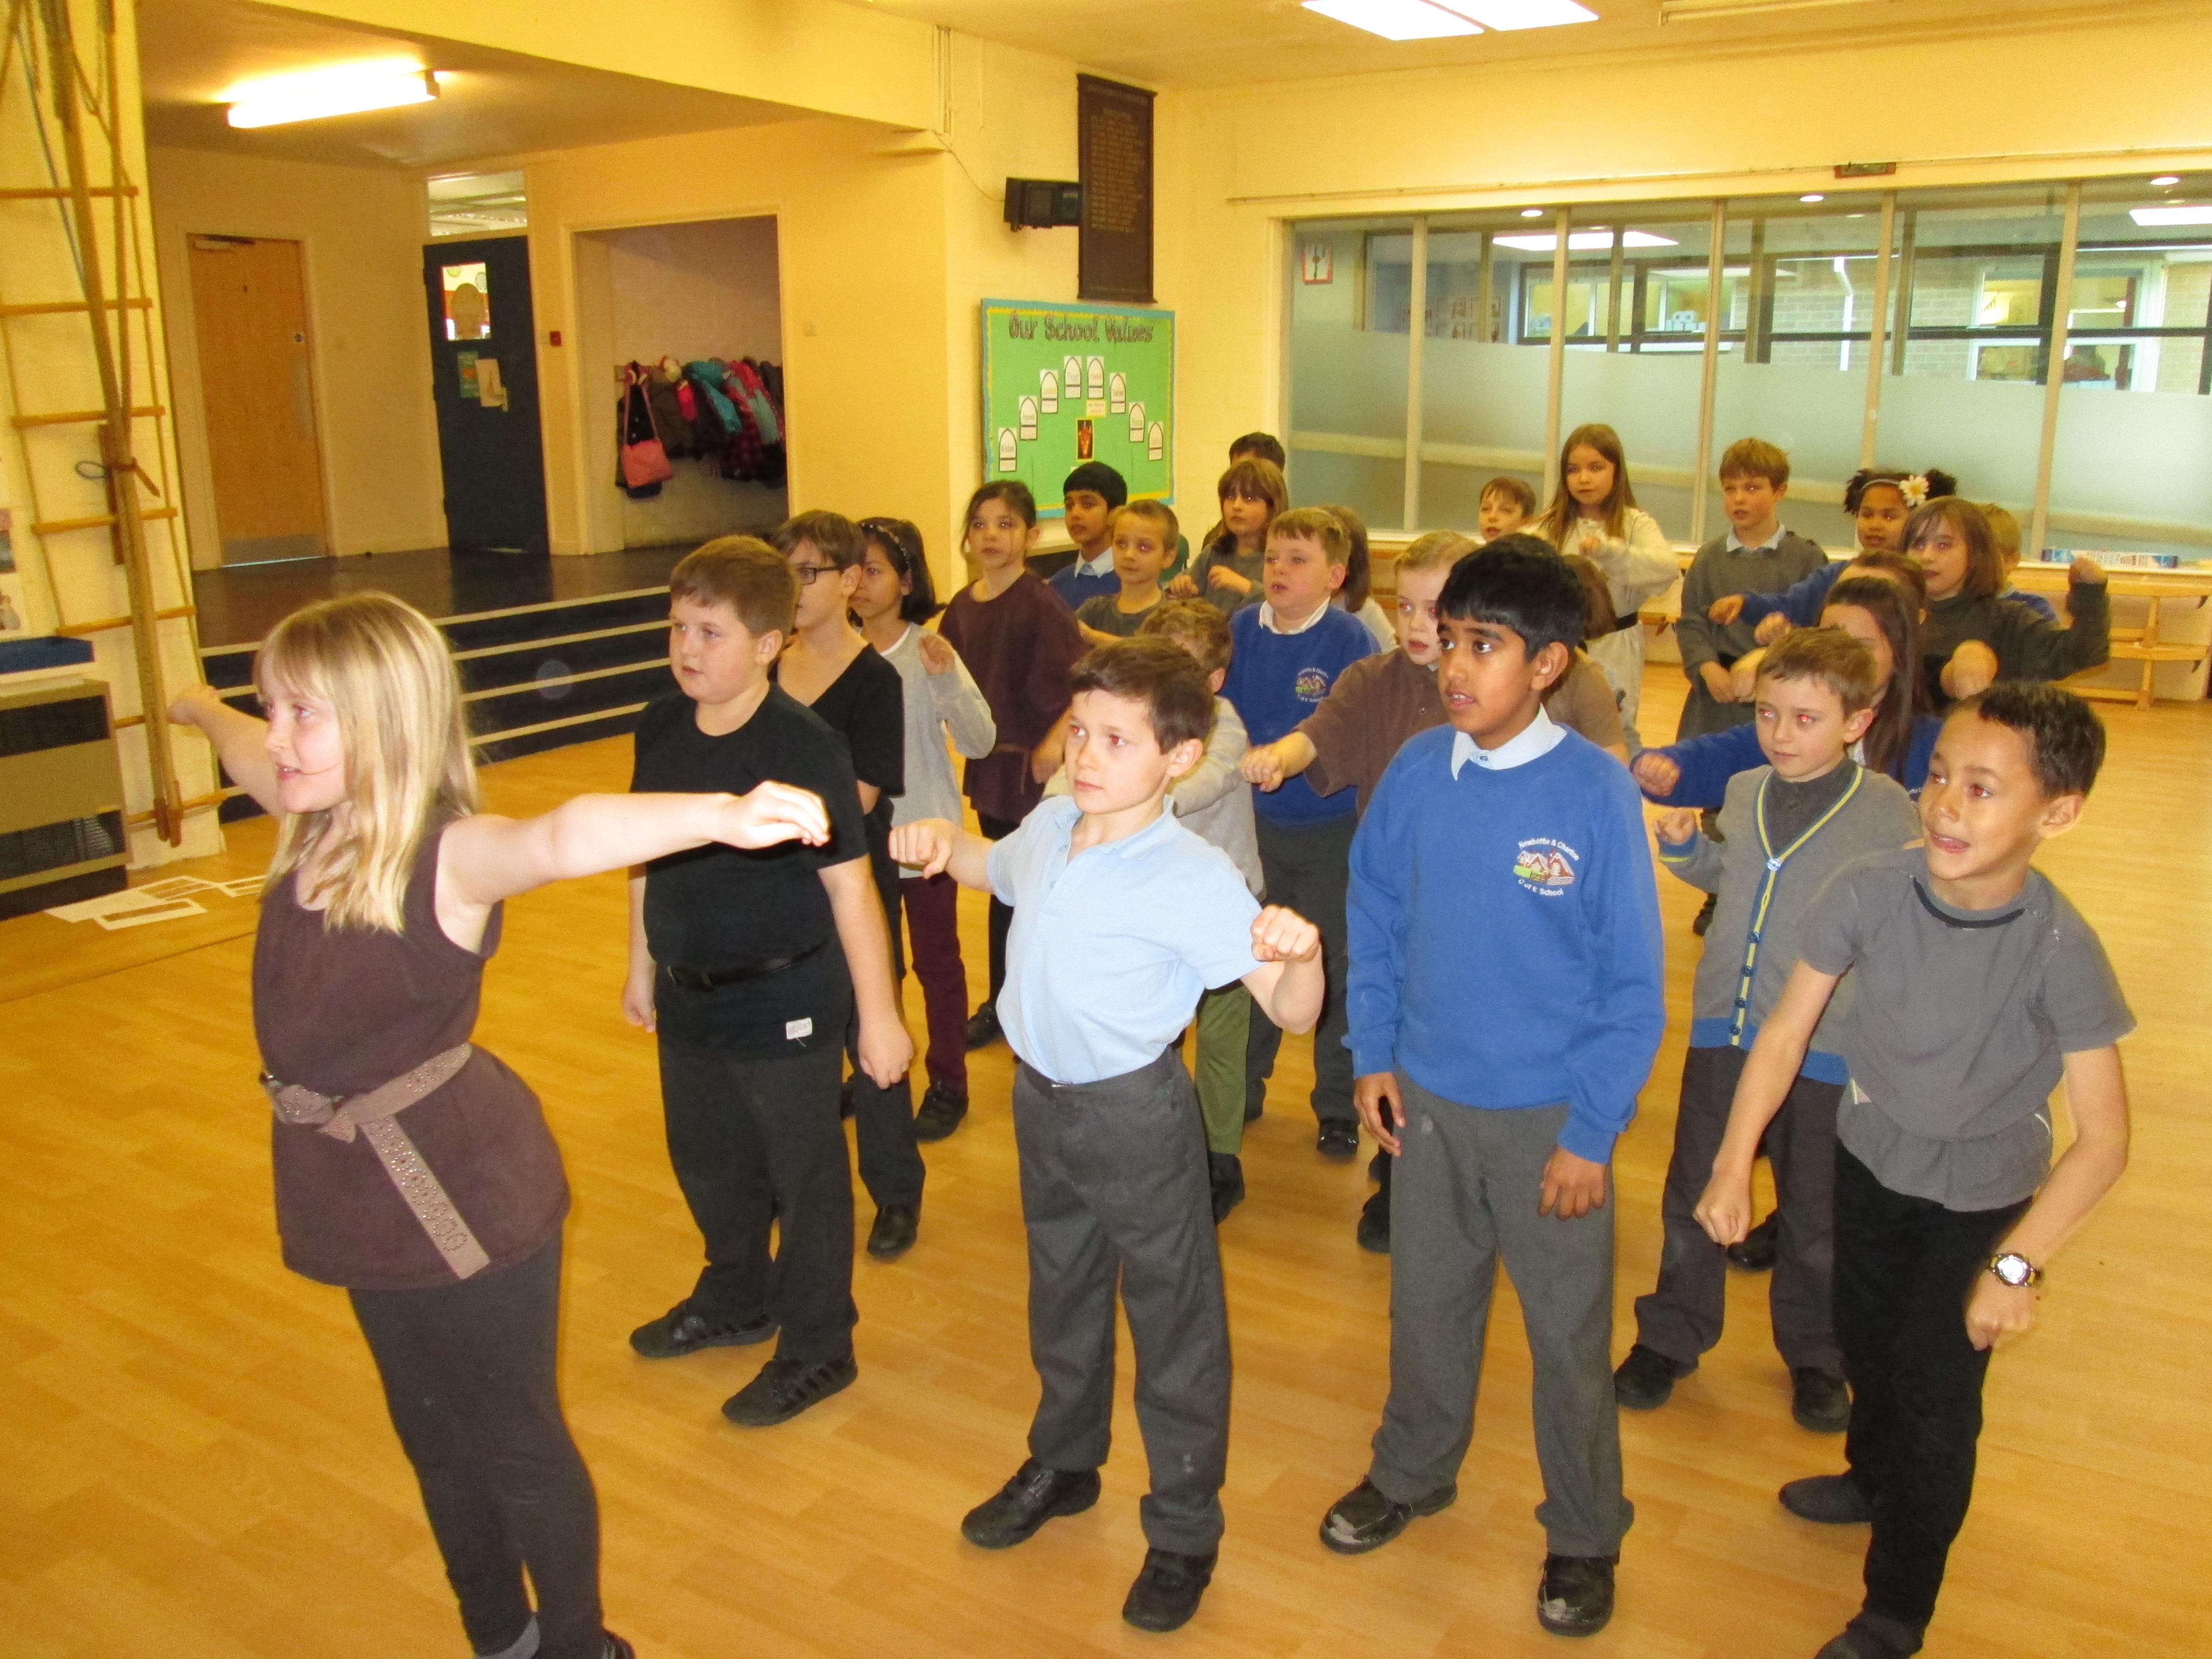 Dancer in School